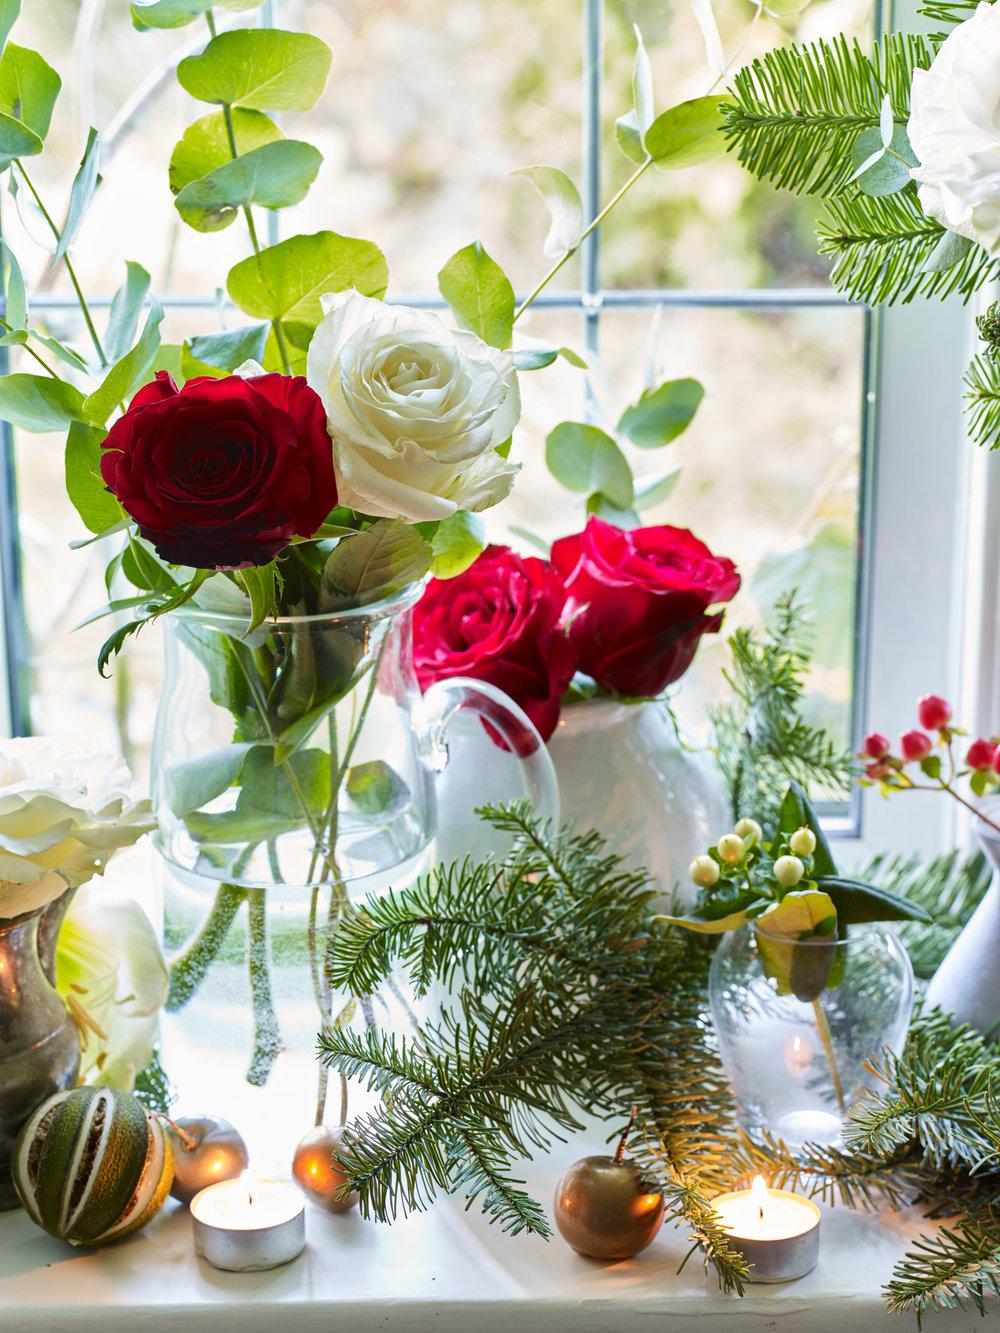 JI_231018_FlowerBe_010.jpg